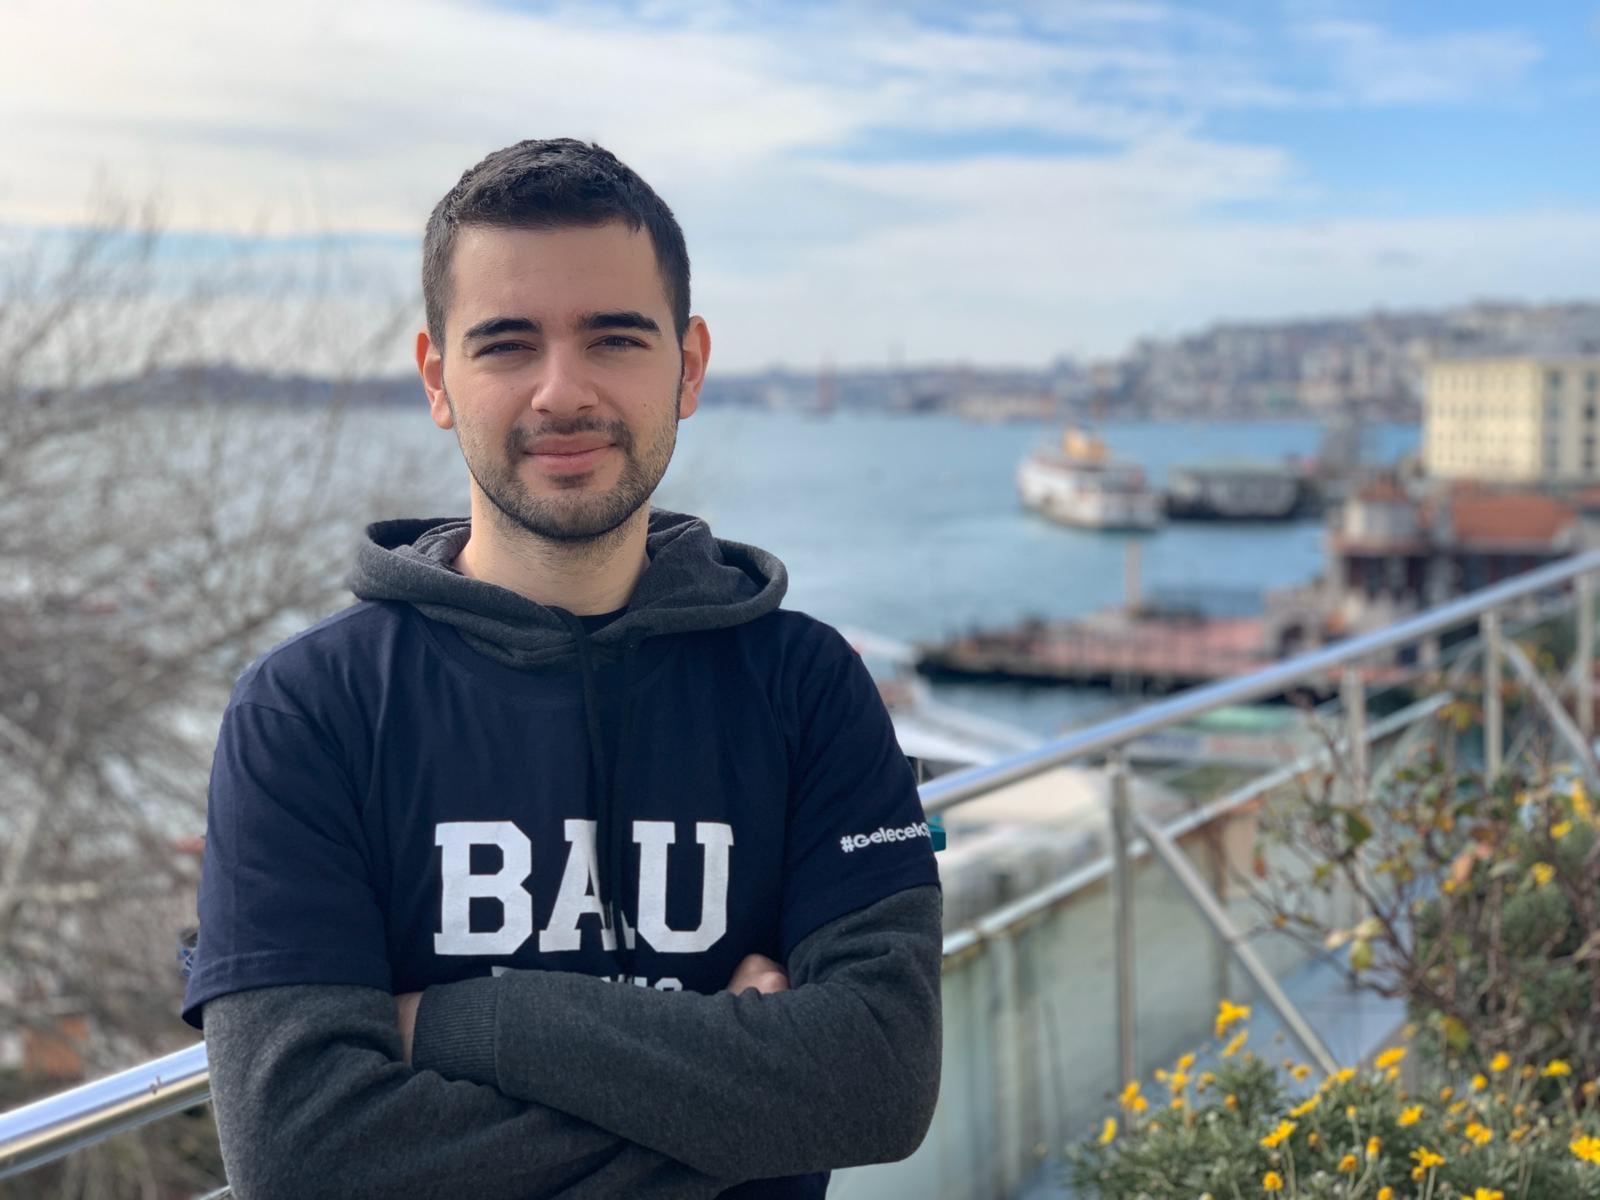 BAUlu öğrenci Microsoft Corparation'un Tek Türk Partner Öğrencisi Oldu